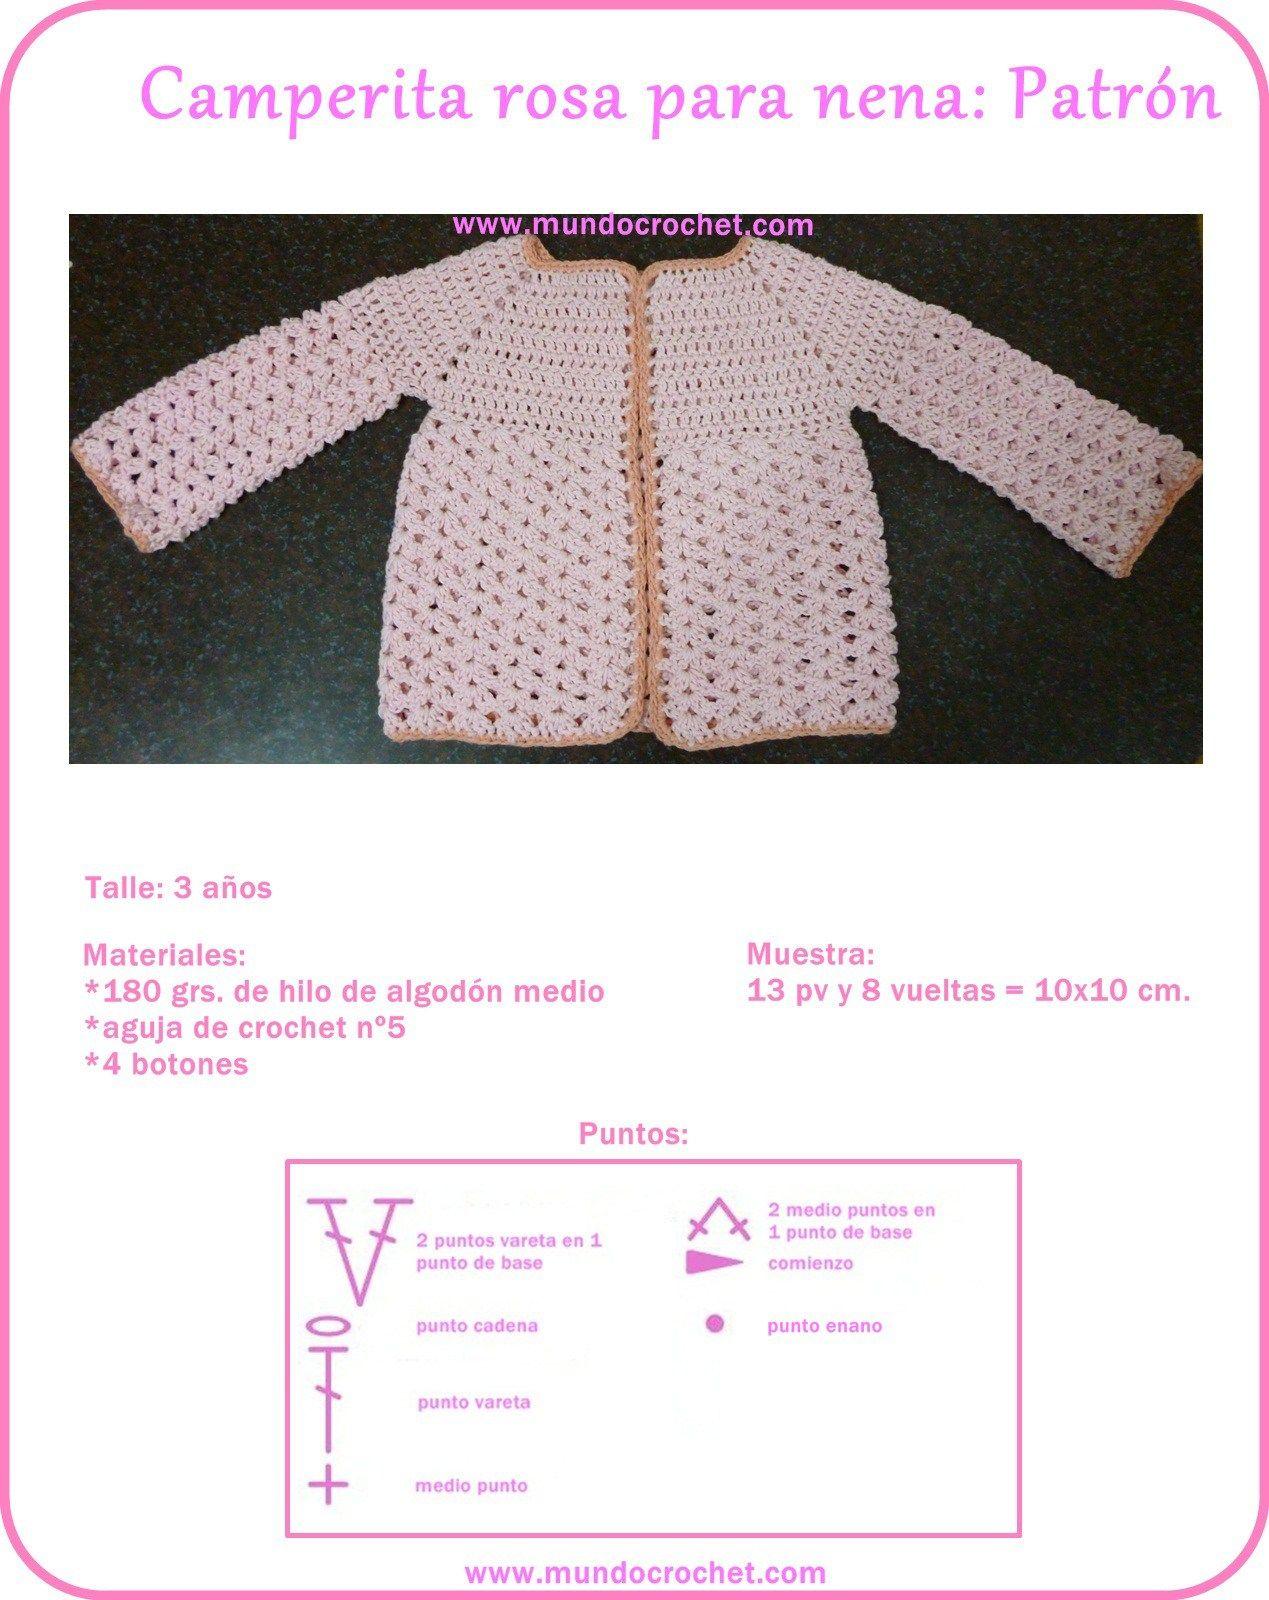 Saquito o Camperita a crochet para niña | crochet ...βελονάκι